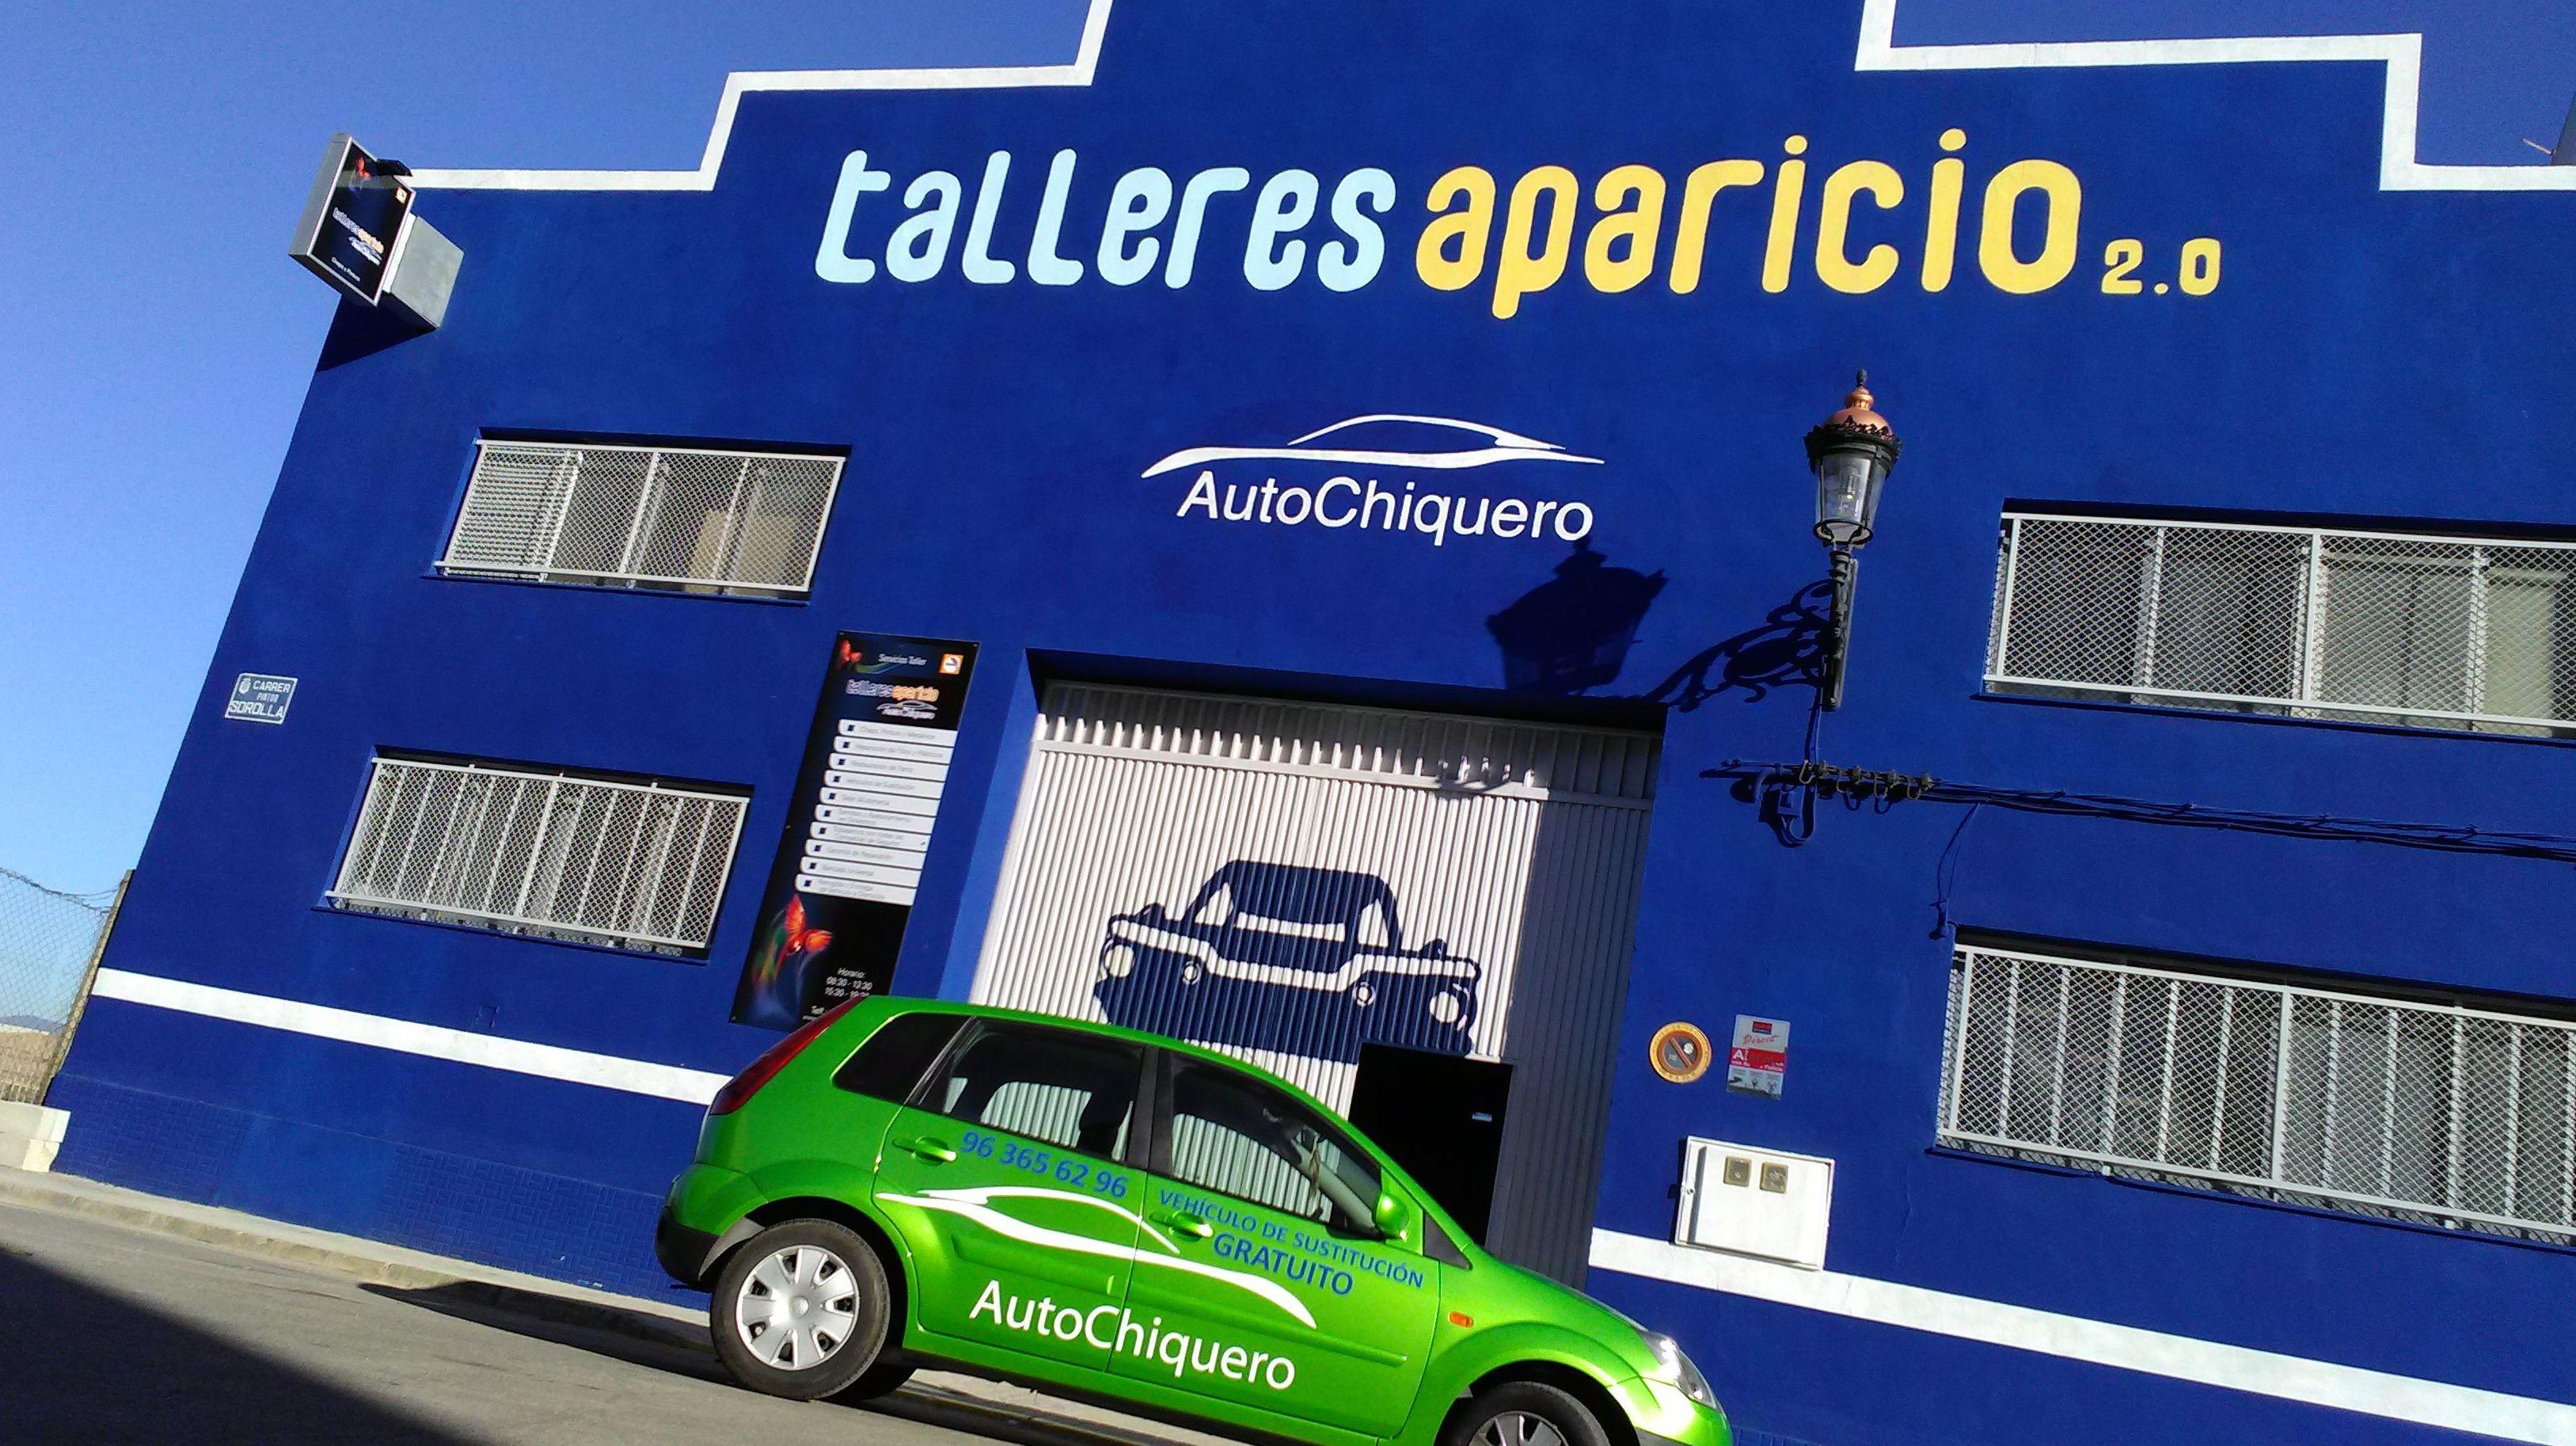 Foto 20 de Talleres de chapa y pintura en Valencia | Talleres Aparicio Autochiquero